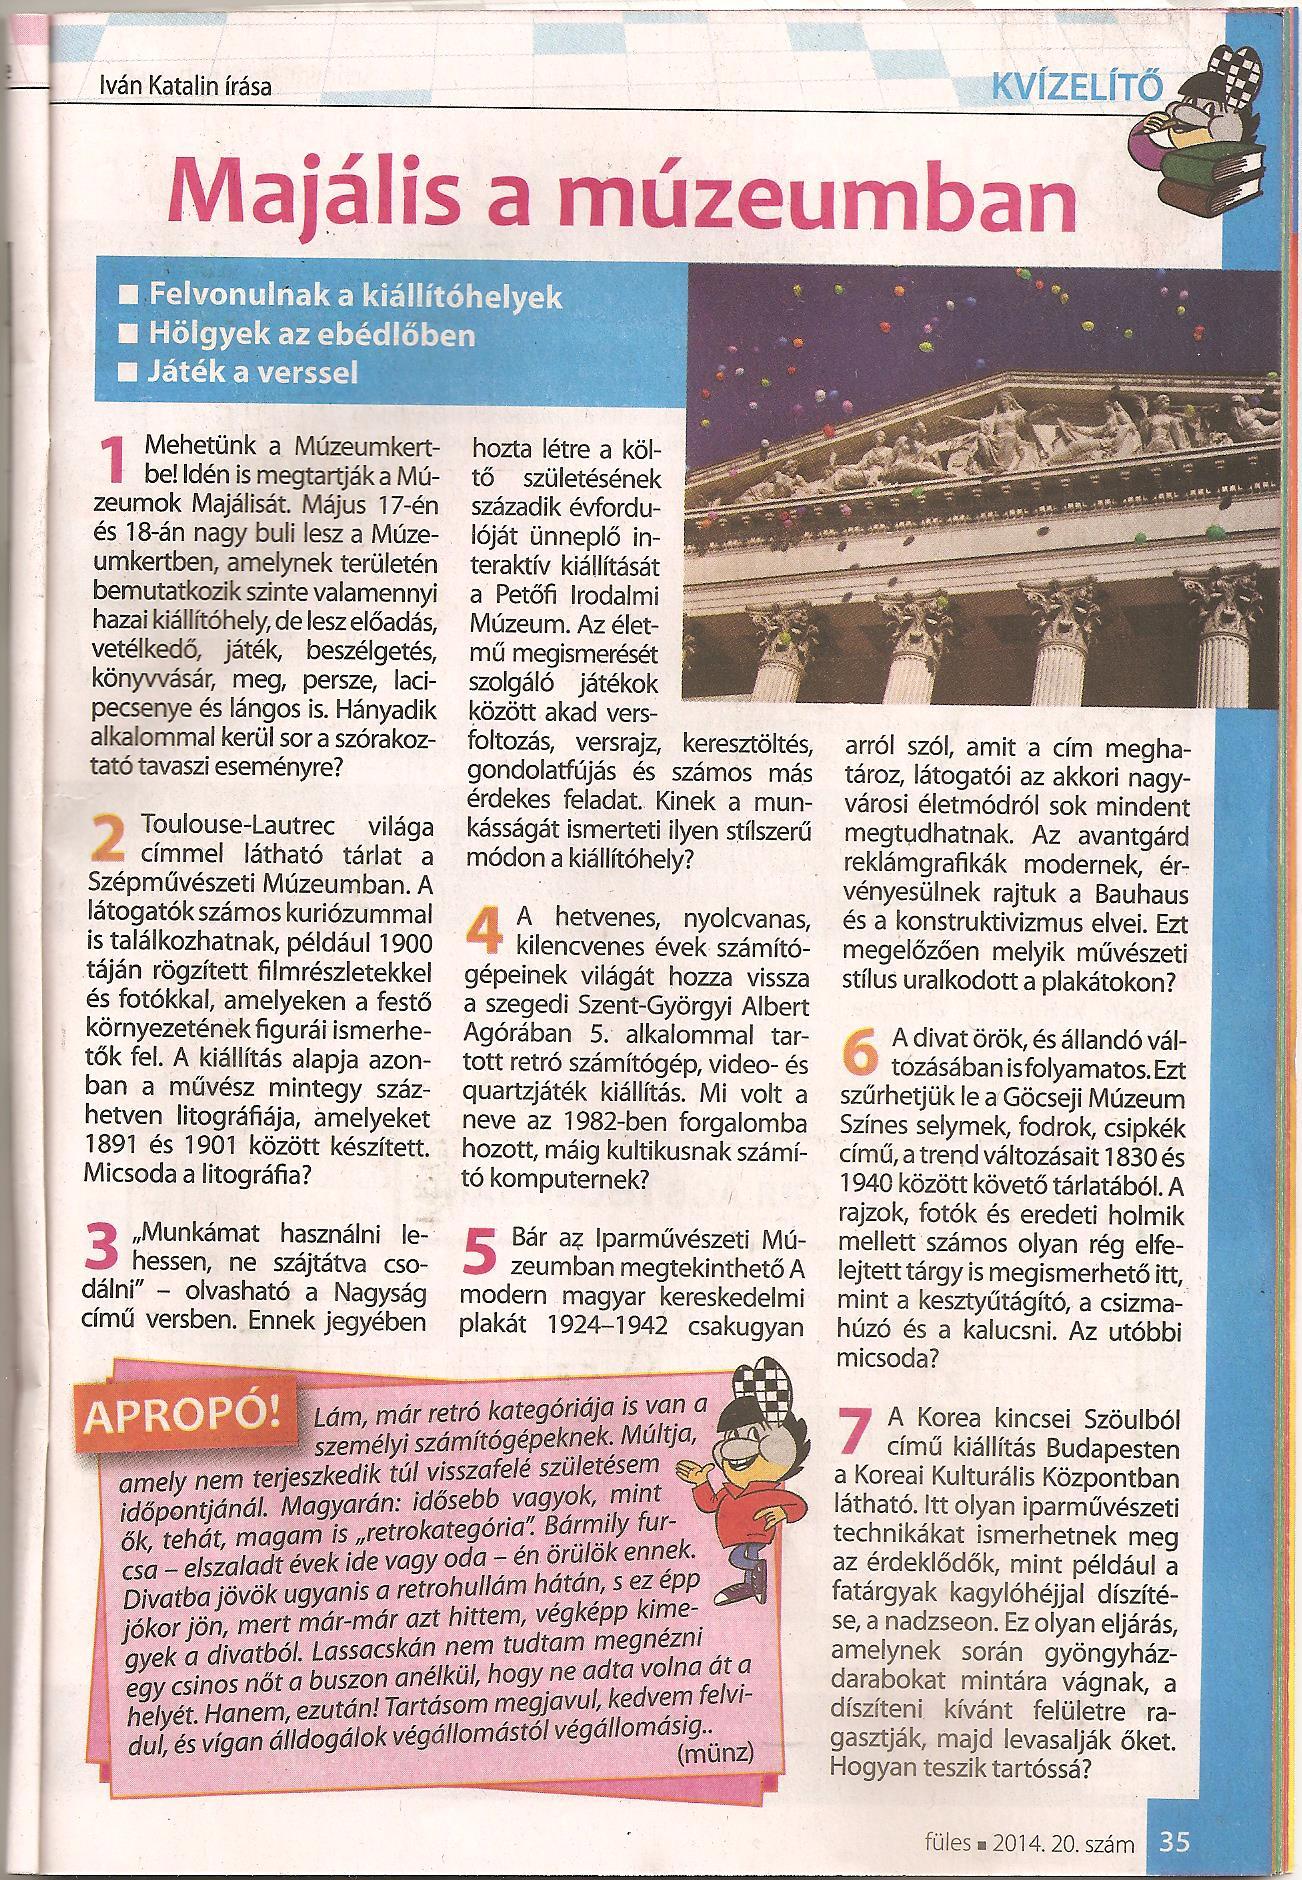 Füles 2014. május 13. 20. szám 35. oldal Majális a múzeumban.jpg